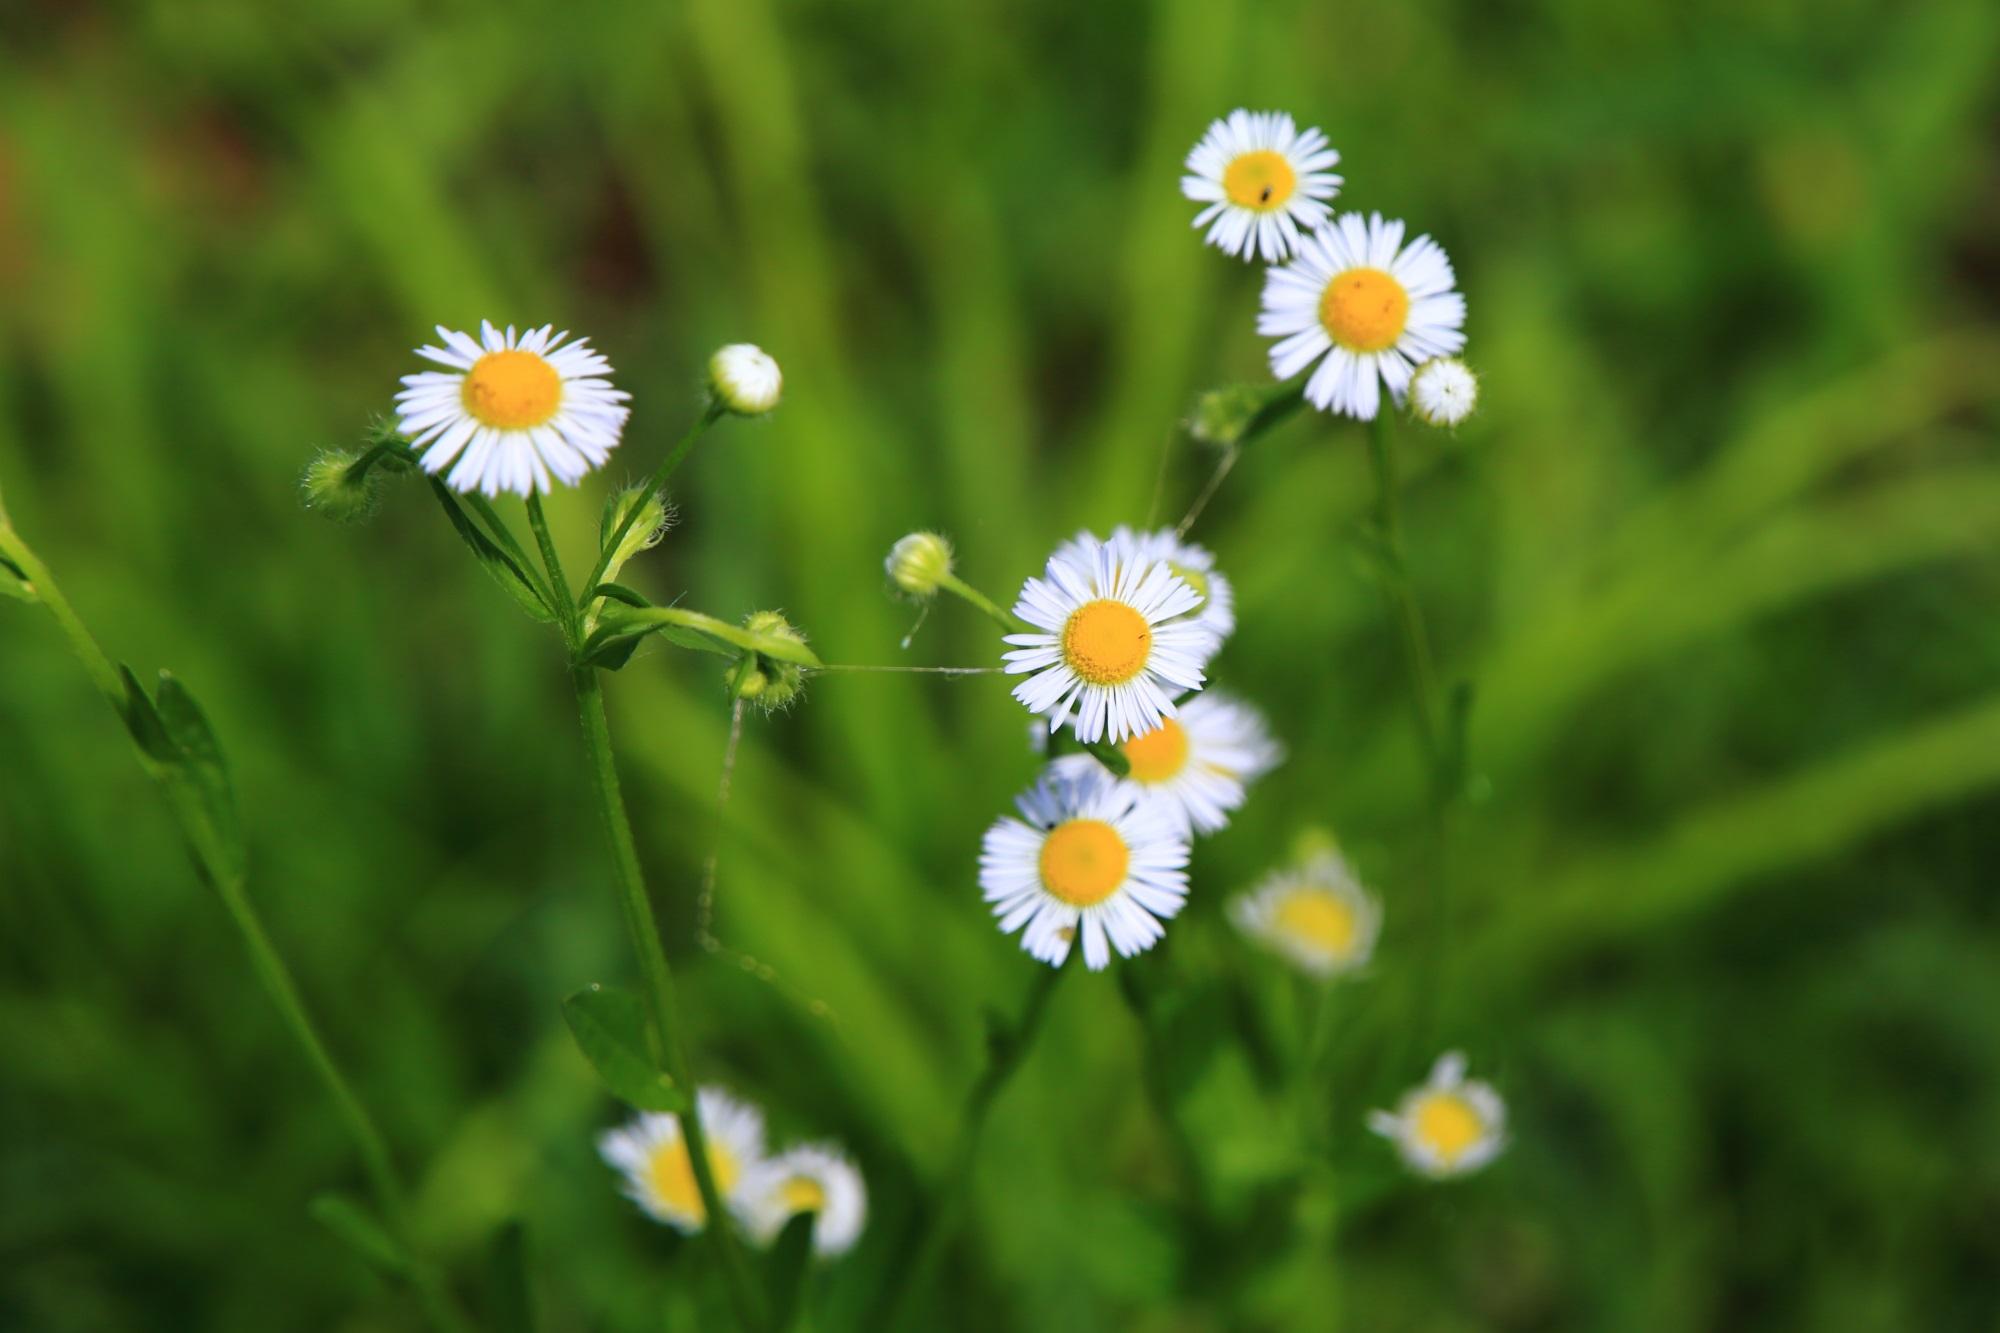 大覚寺大沢池畔の淡い緑に映える白と黄色の野花